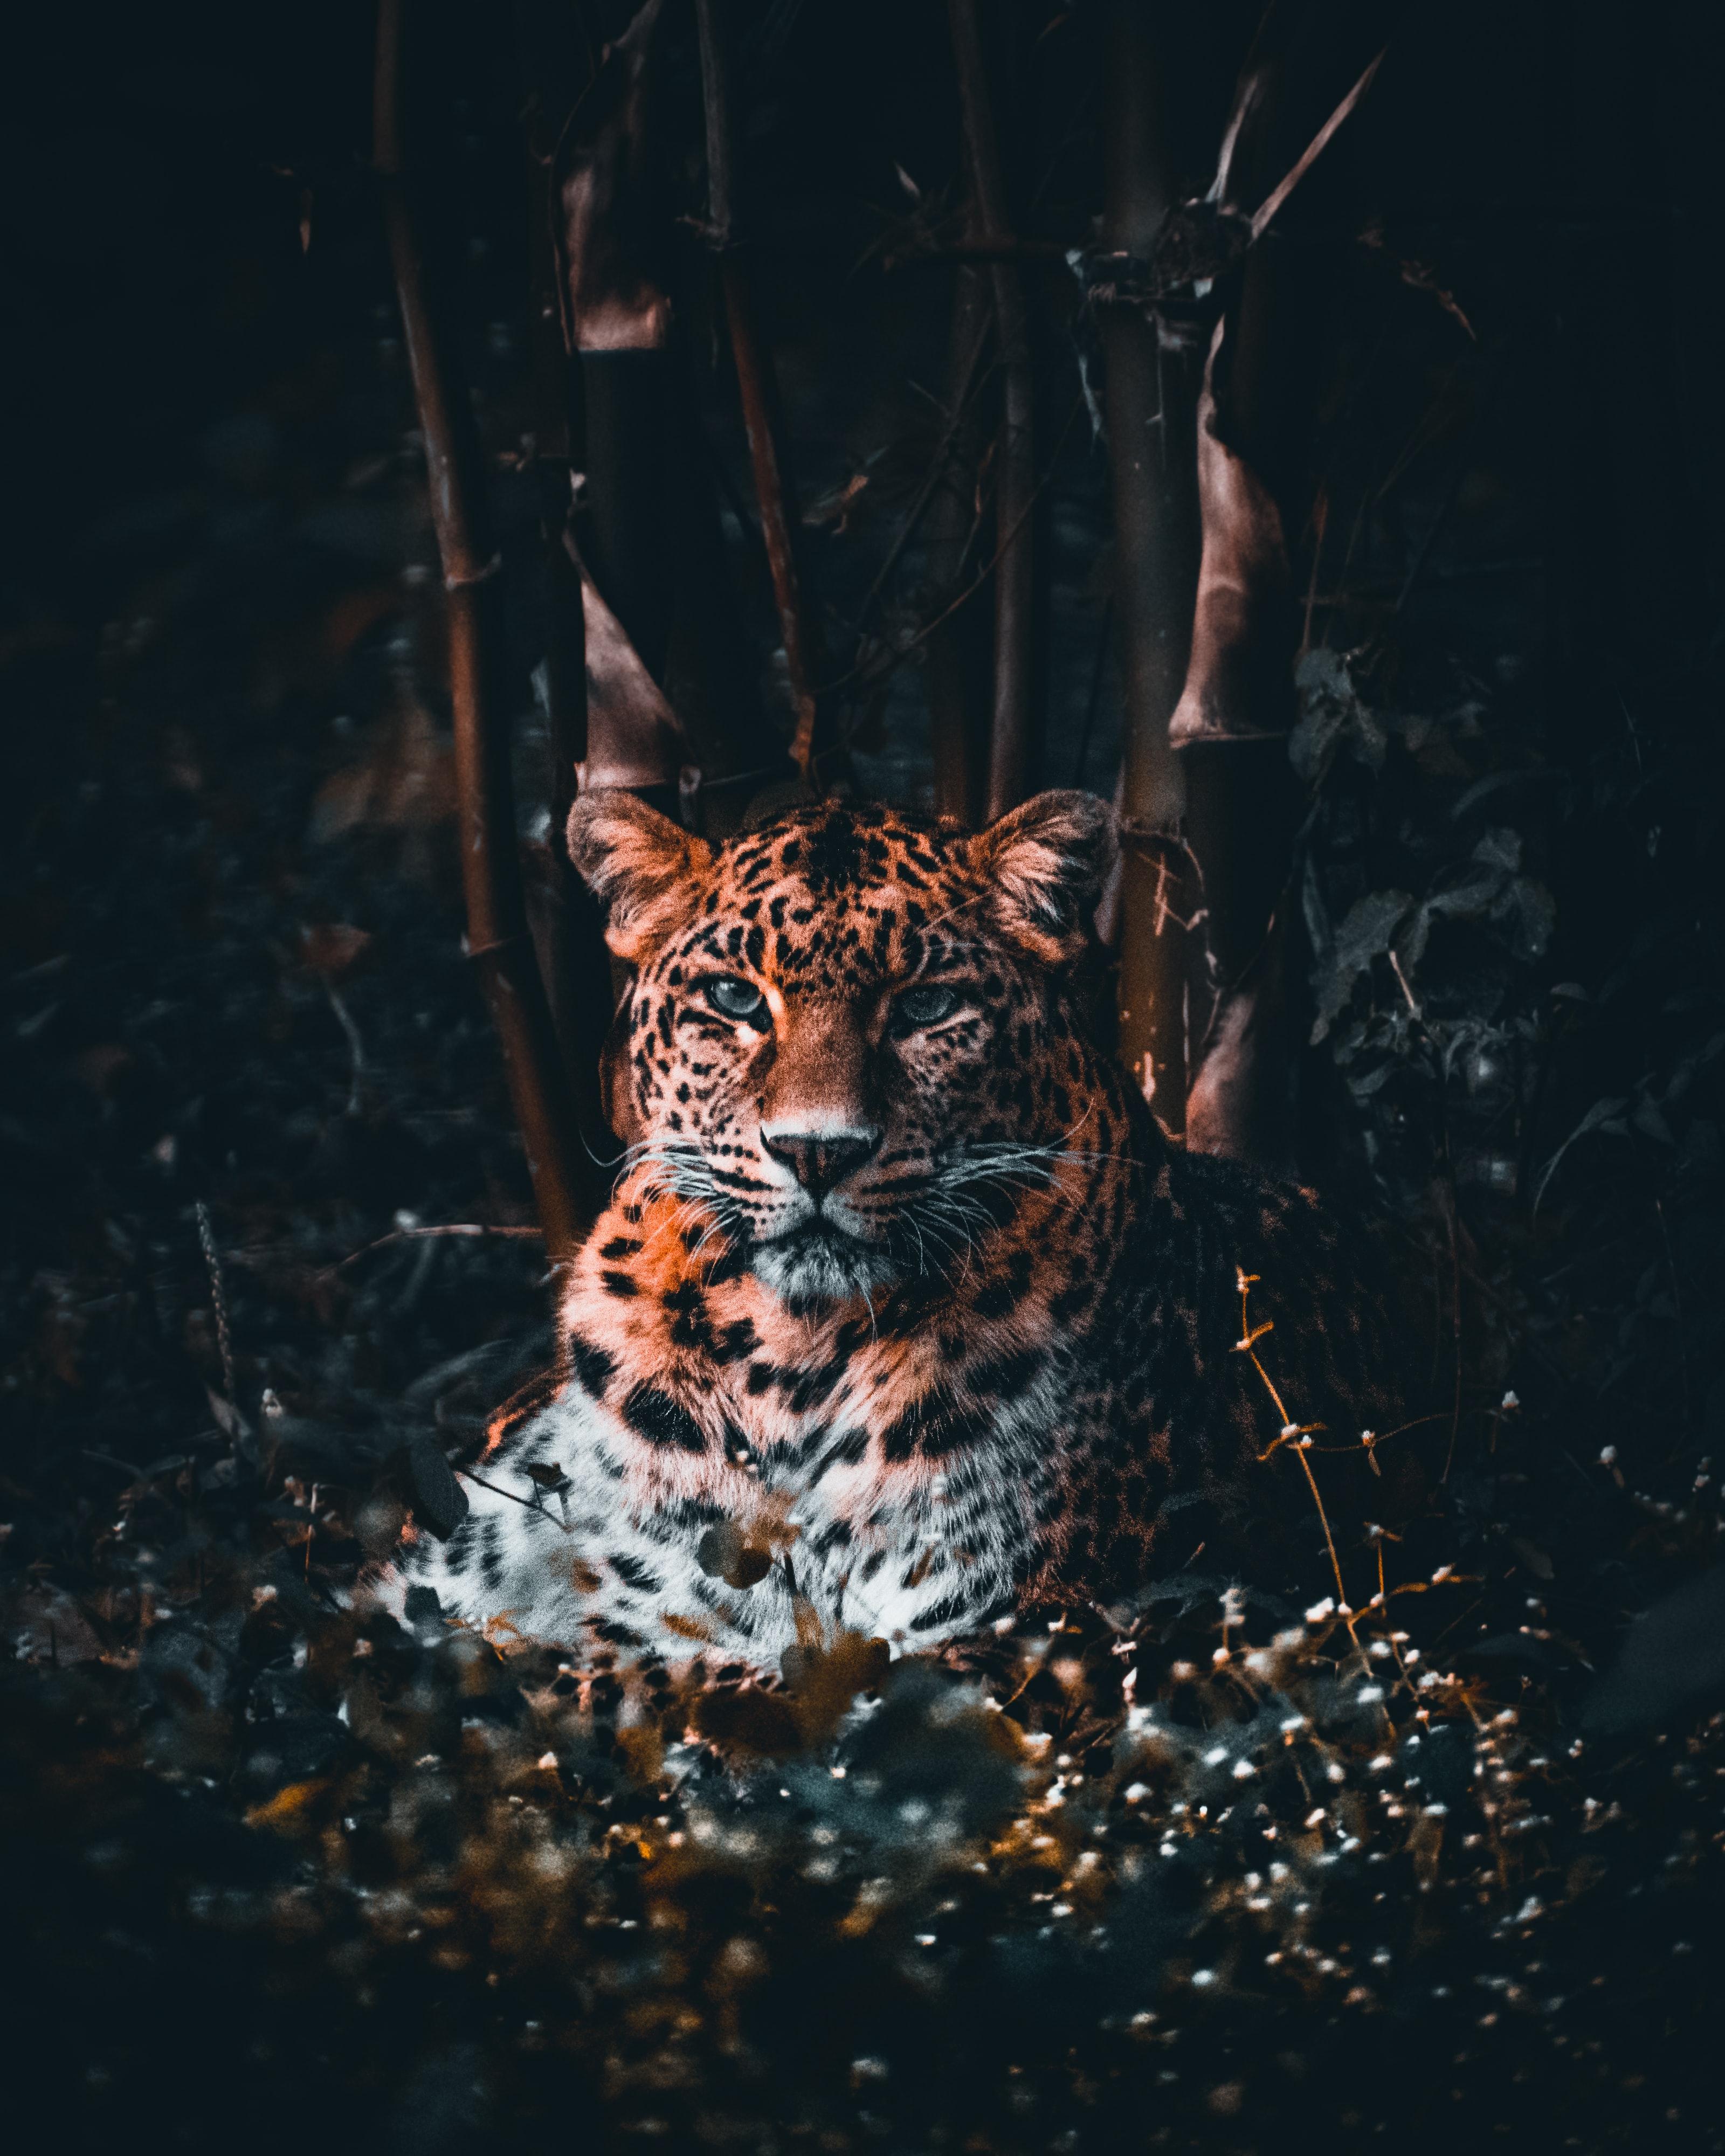 55596 Hintergrundbild herunterladen Tiere, Grass, Leopard, Raubtier, Predator, Große Katze, Big Cat, Sicht, Meinung - Bildschirmschoner und Bilder kostenlos